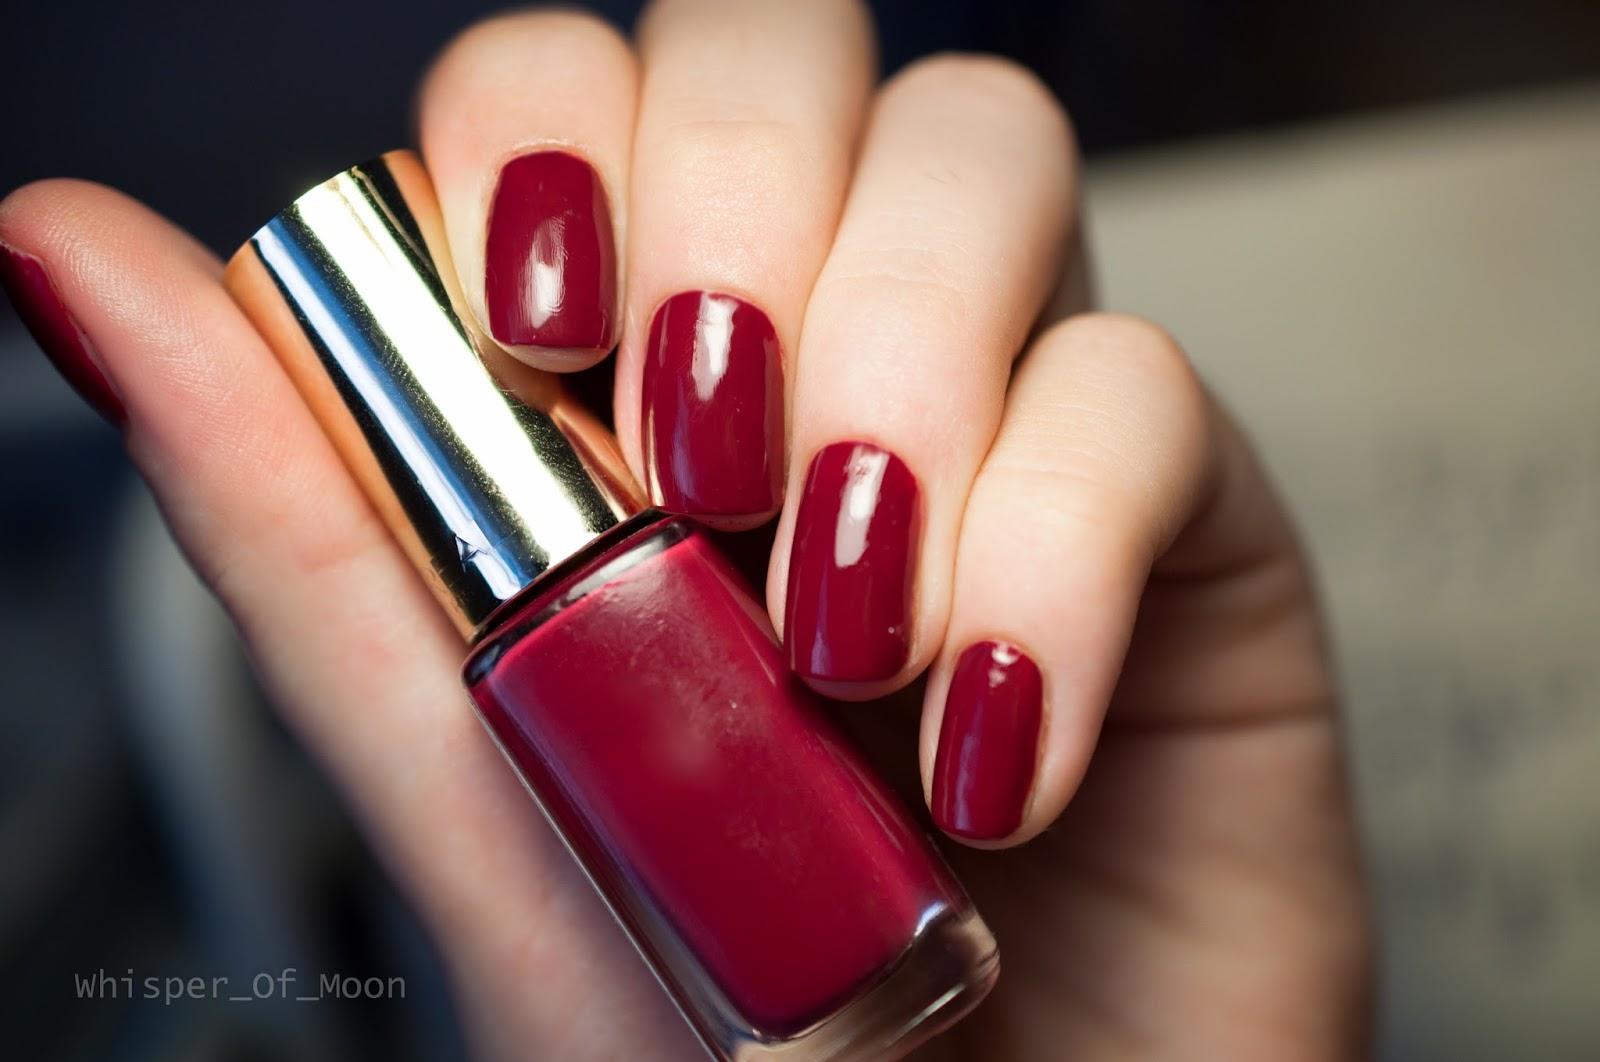 Бардак и чудеса: Лак для ногтей - L'Oreal - #503 Addictive Plum